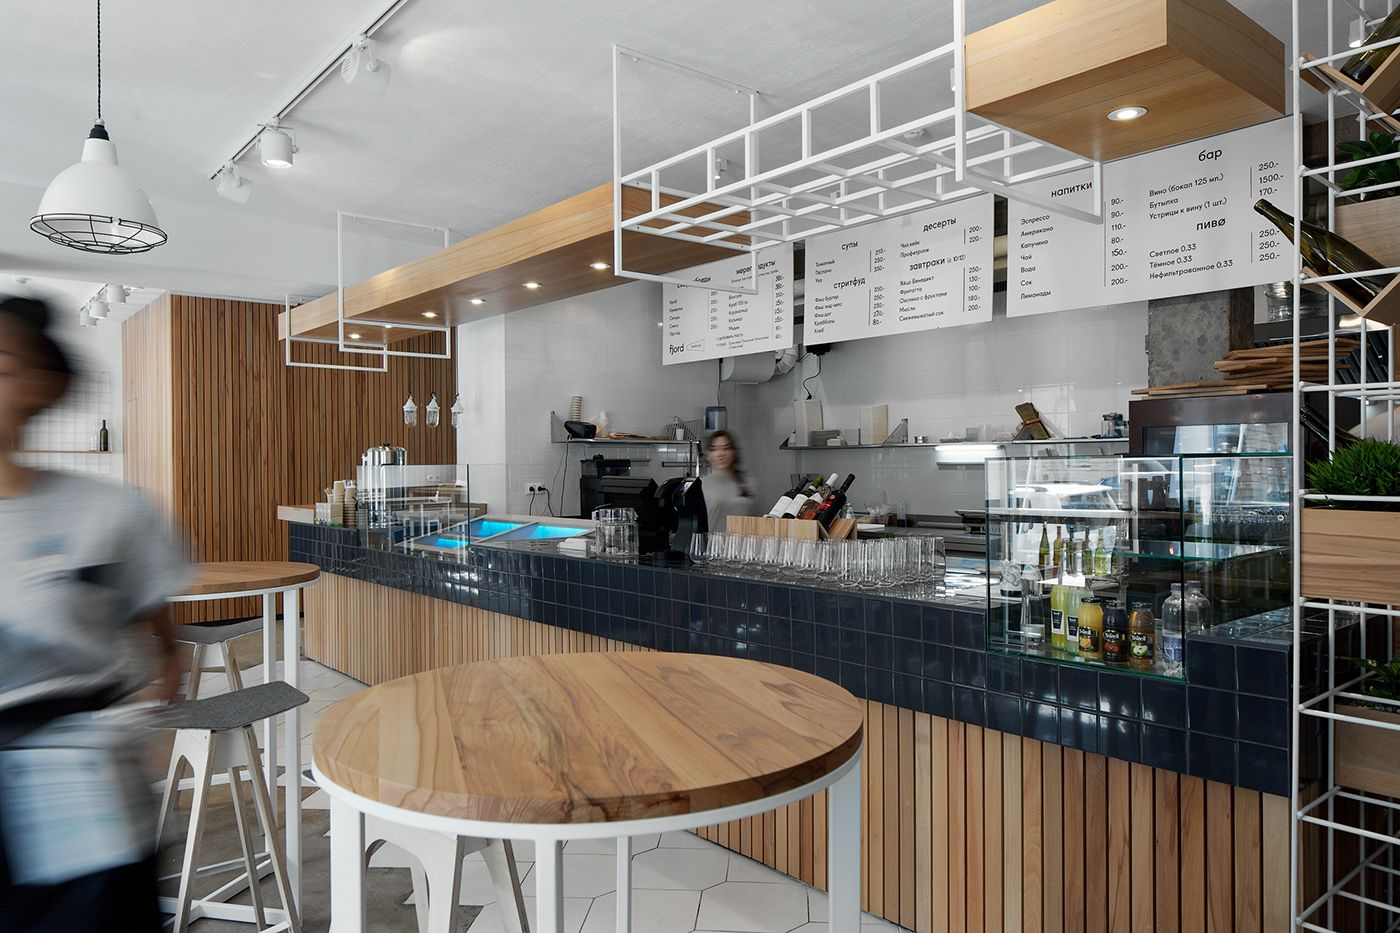 Cafe Fjord on Behance